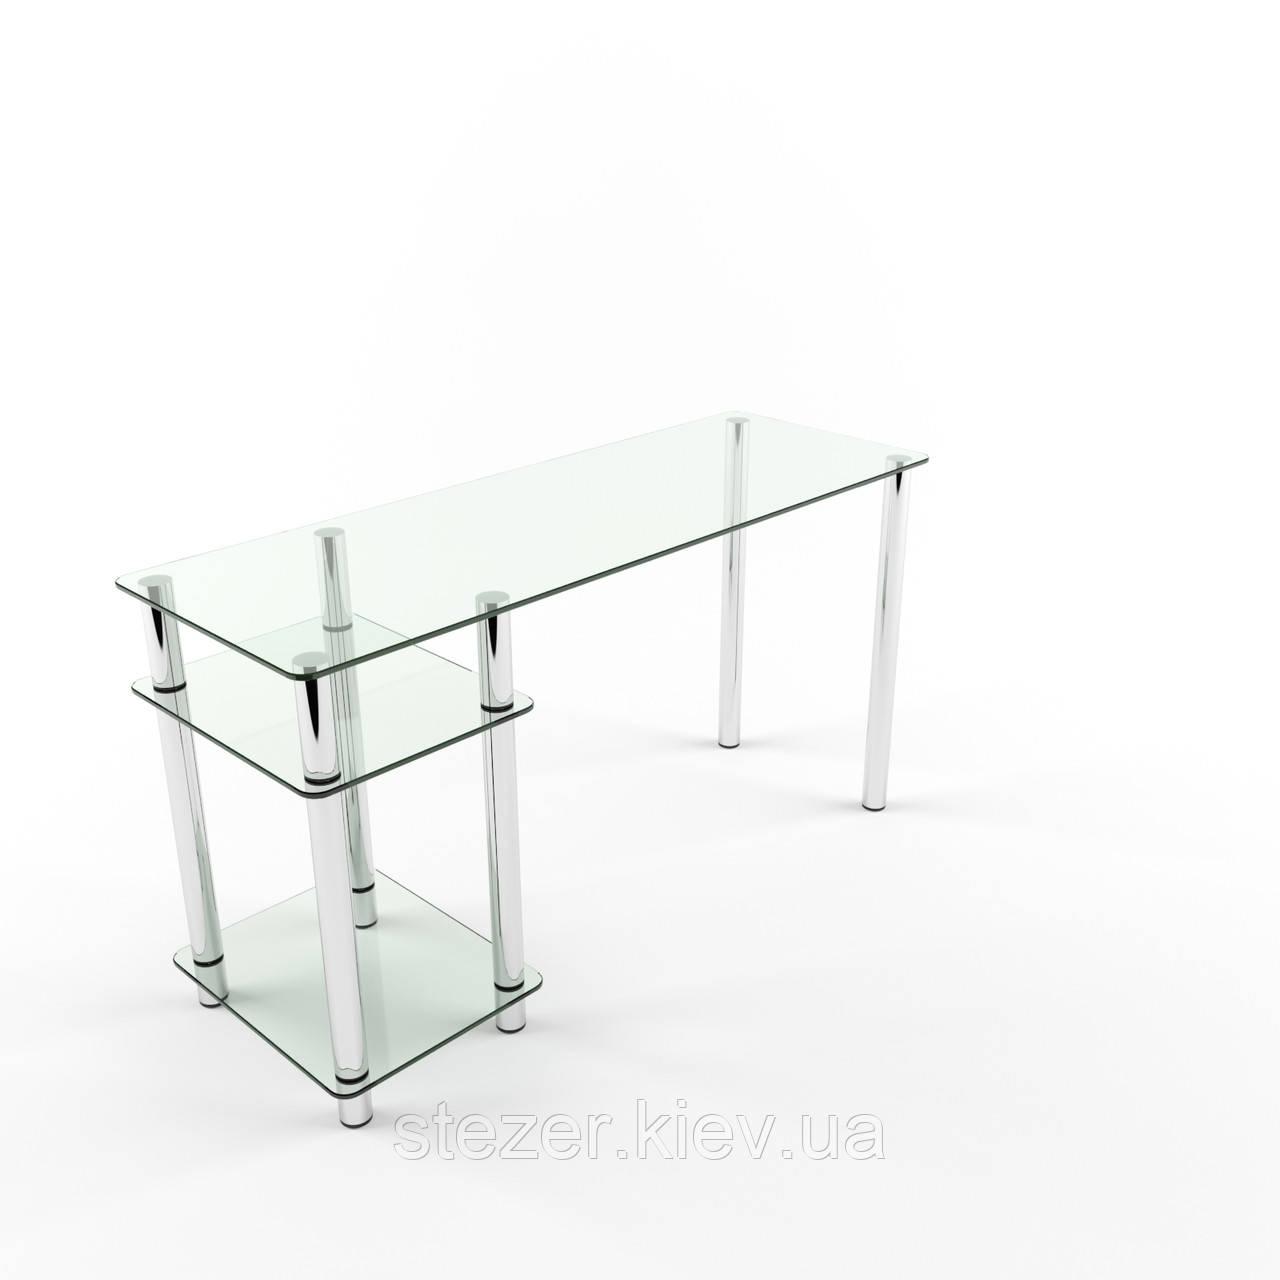 Компьютерный стол из прозрачного стекла Симпле